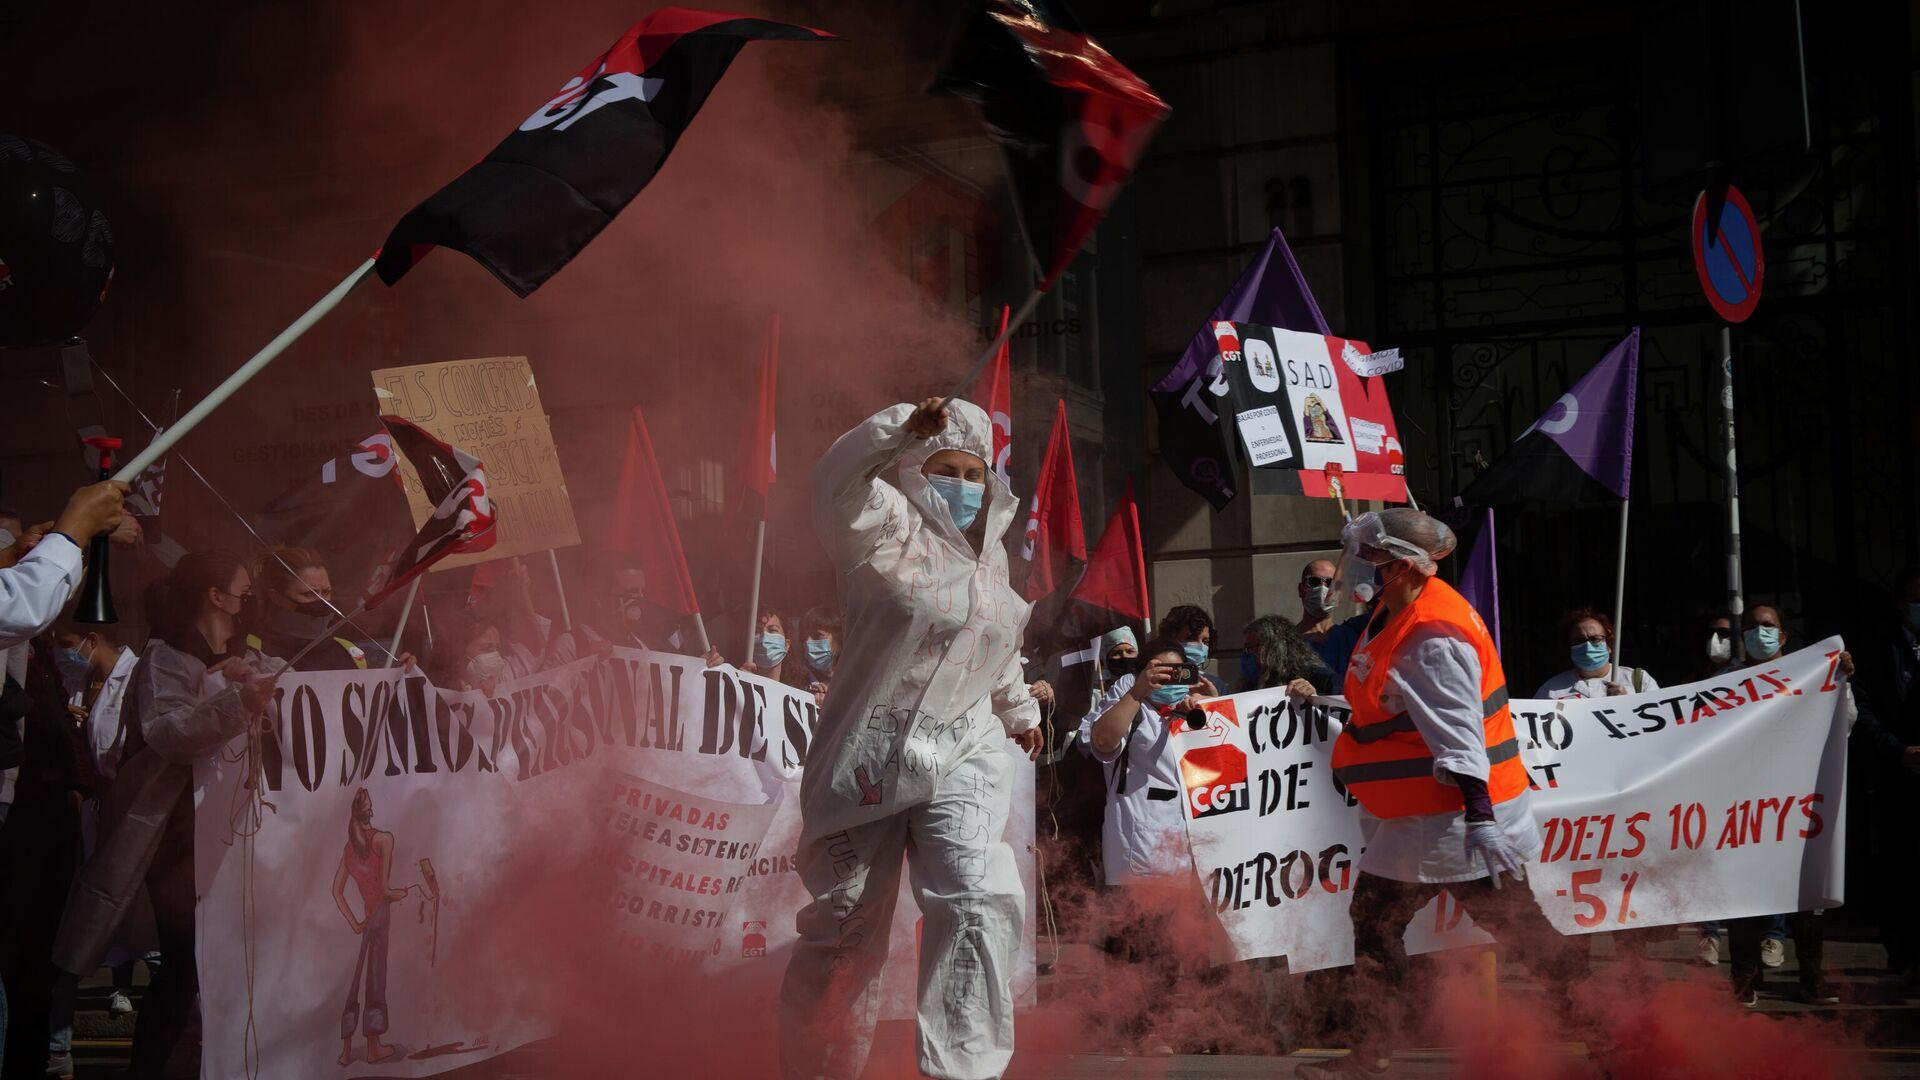 Una mujer participa en una manifestación durante la huelga general de la Sanidad en Cataluña. 10 de marzo de 2021 - Sputnik Mundo, 1920, 10.03.2021